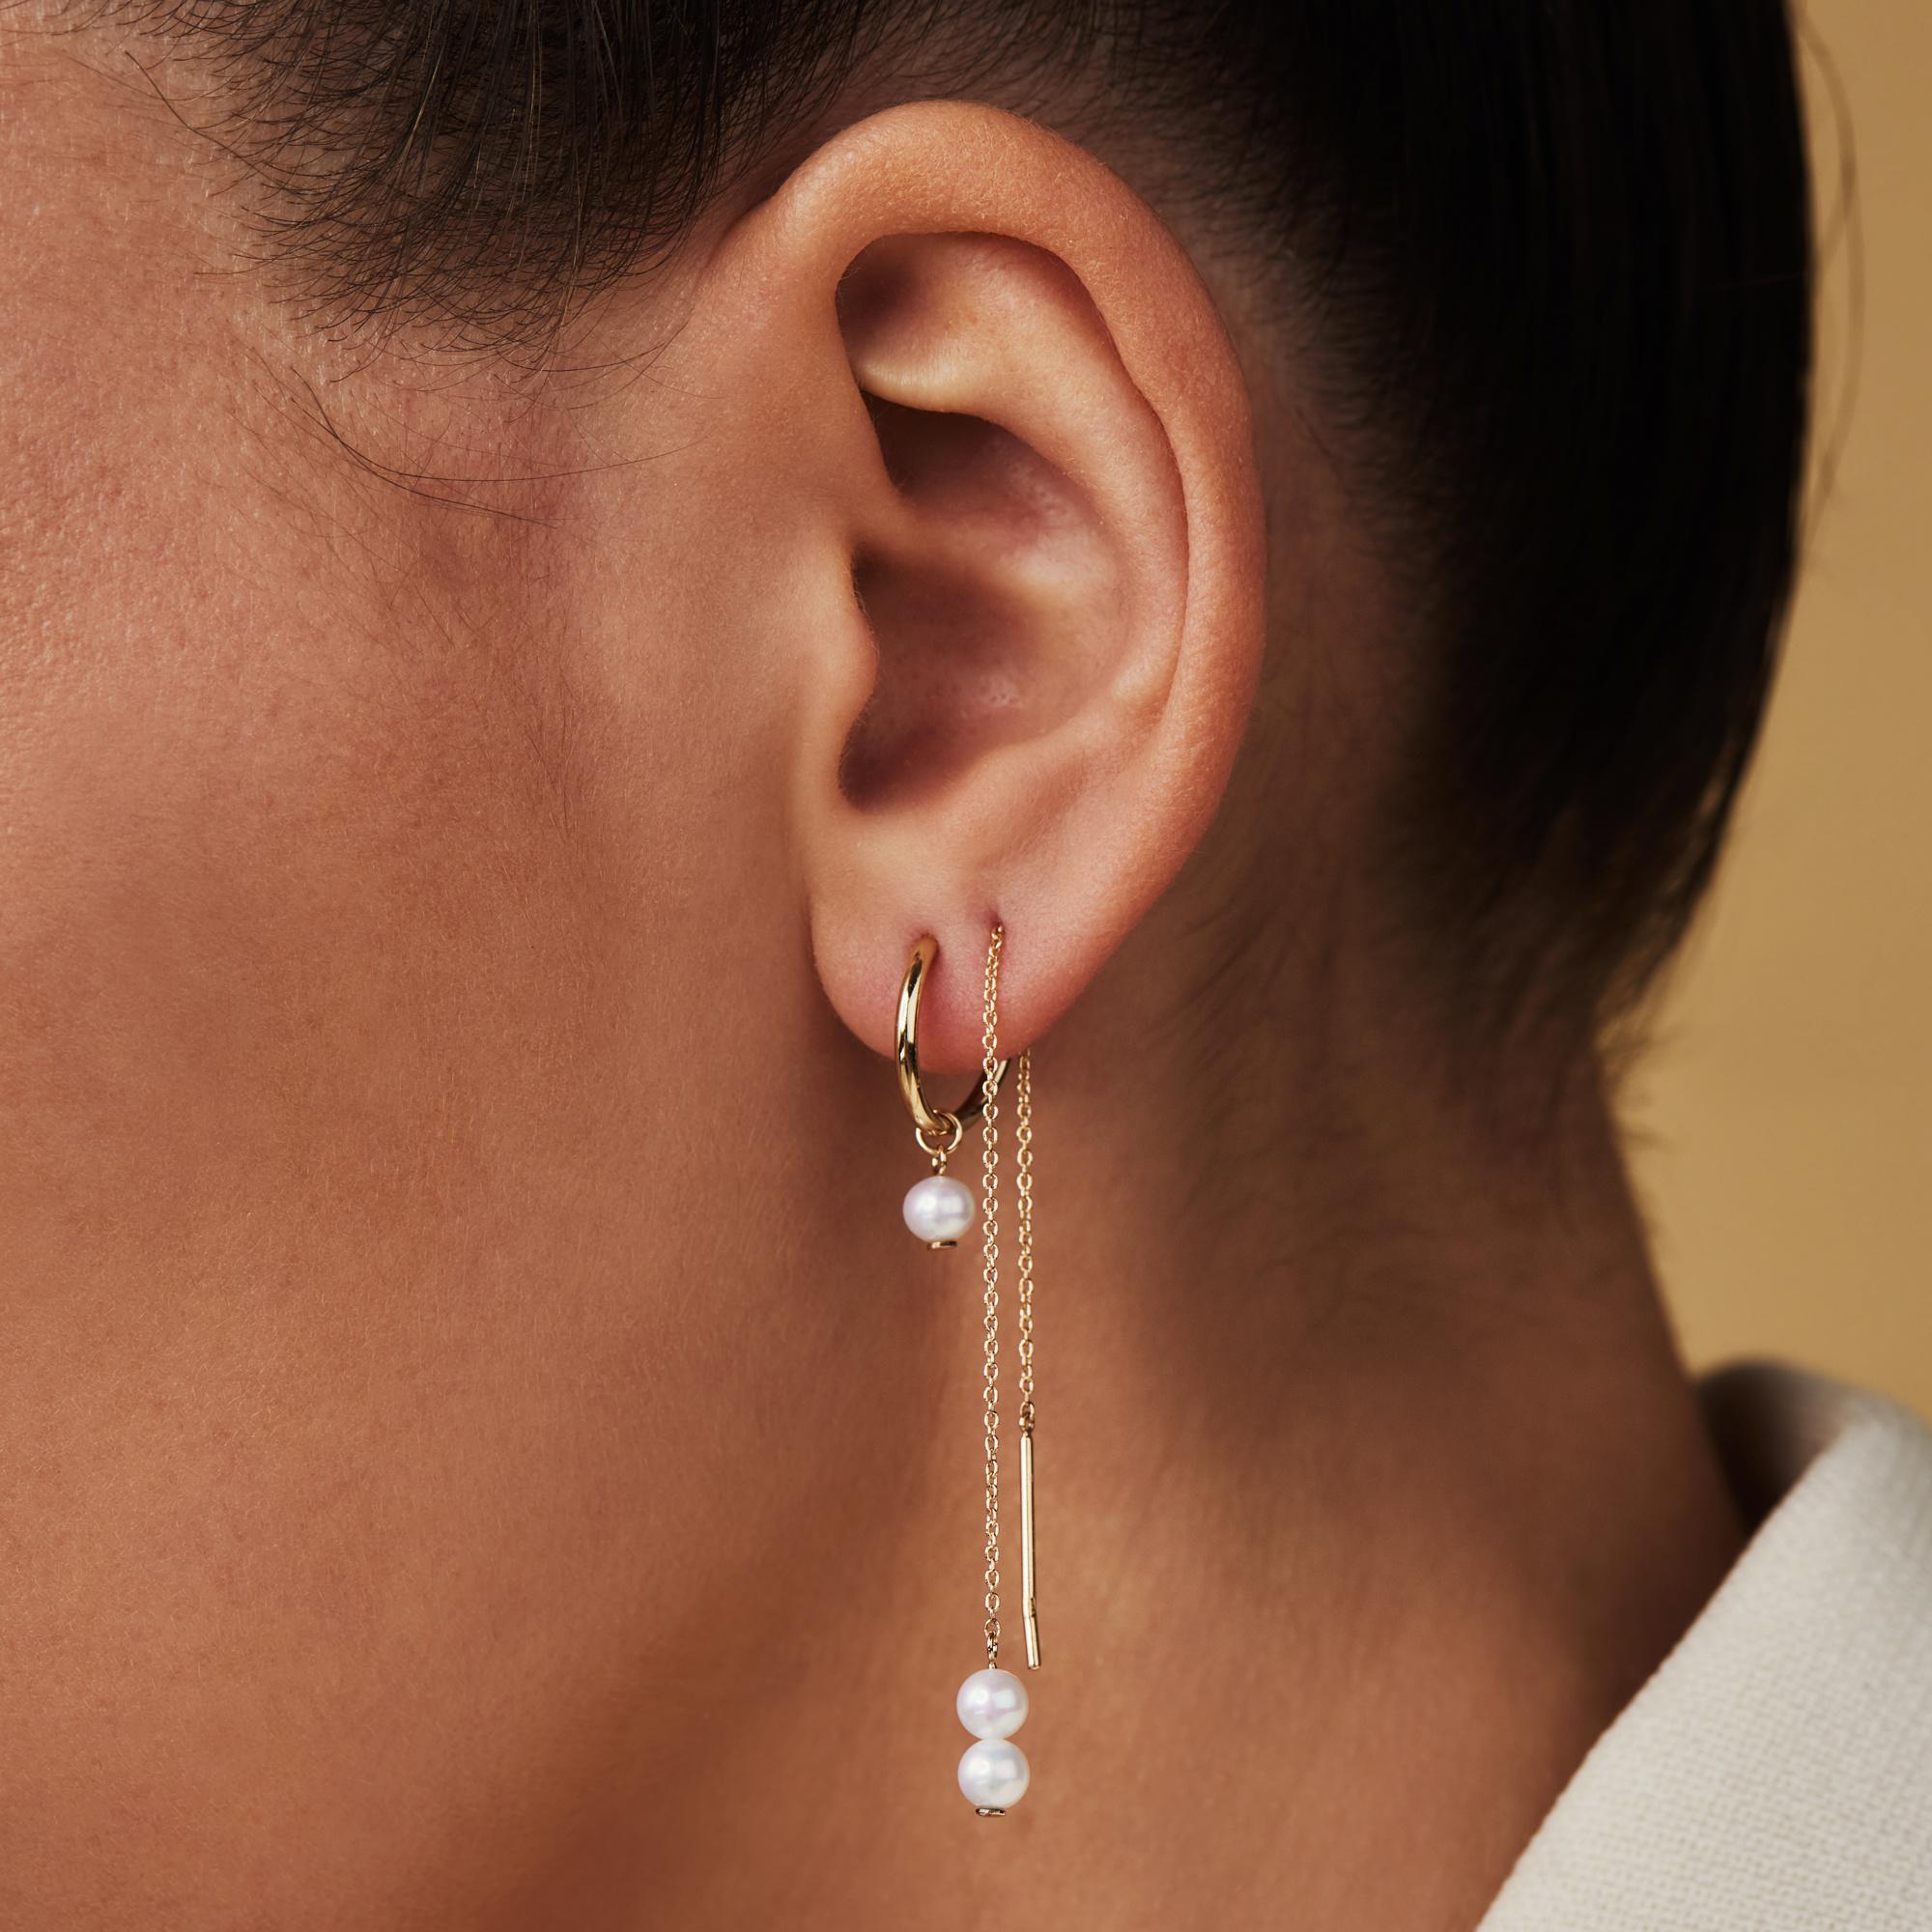 Isabel Bernard Belleville Luna boucles d'oreilles pendantes en or 14 carats avec perle d'eau douce